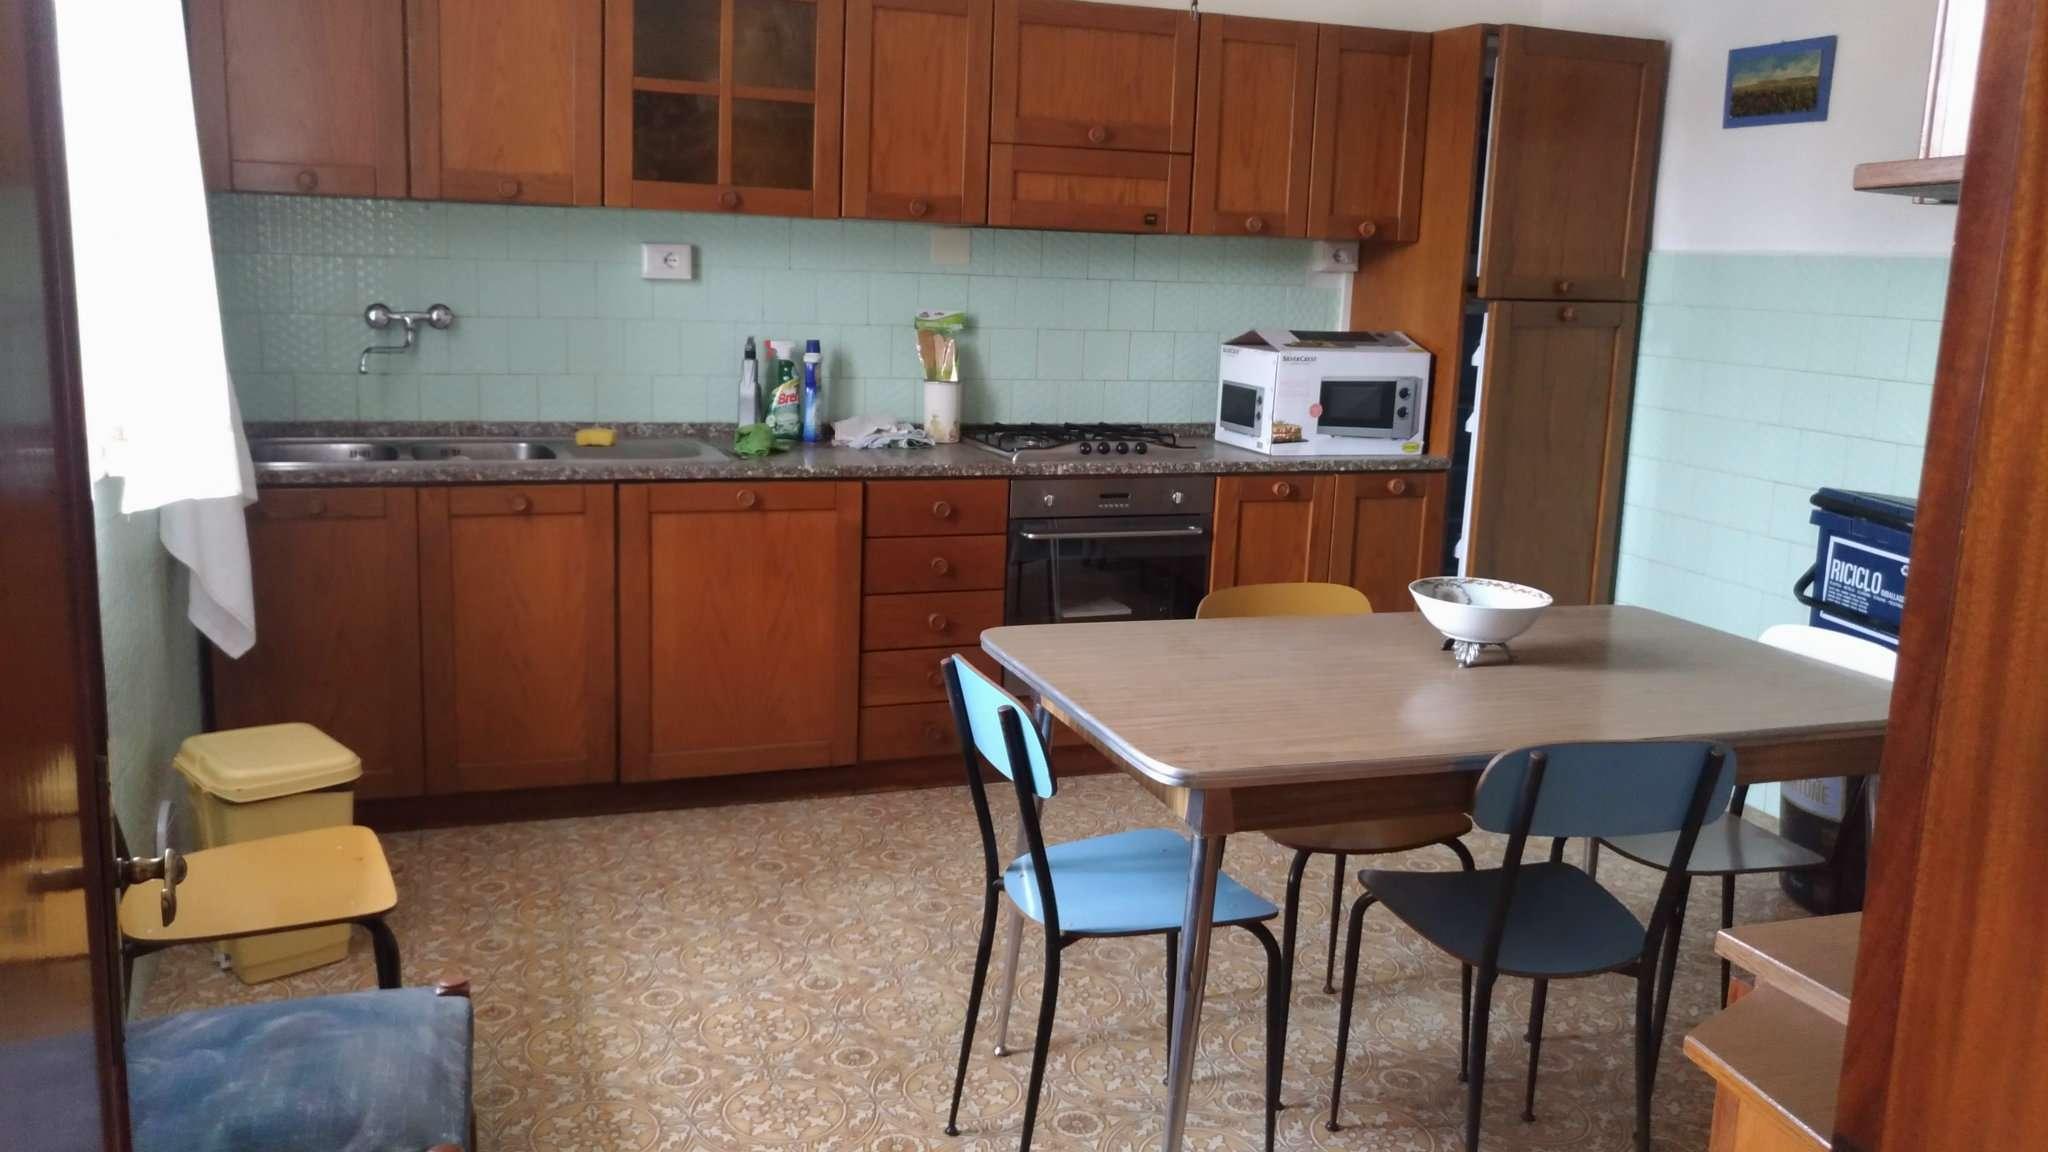 MONTESPERTOLI. Fornacette, Appartamento con ingressop indipendente al piano terra, organizzato su d1